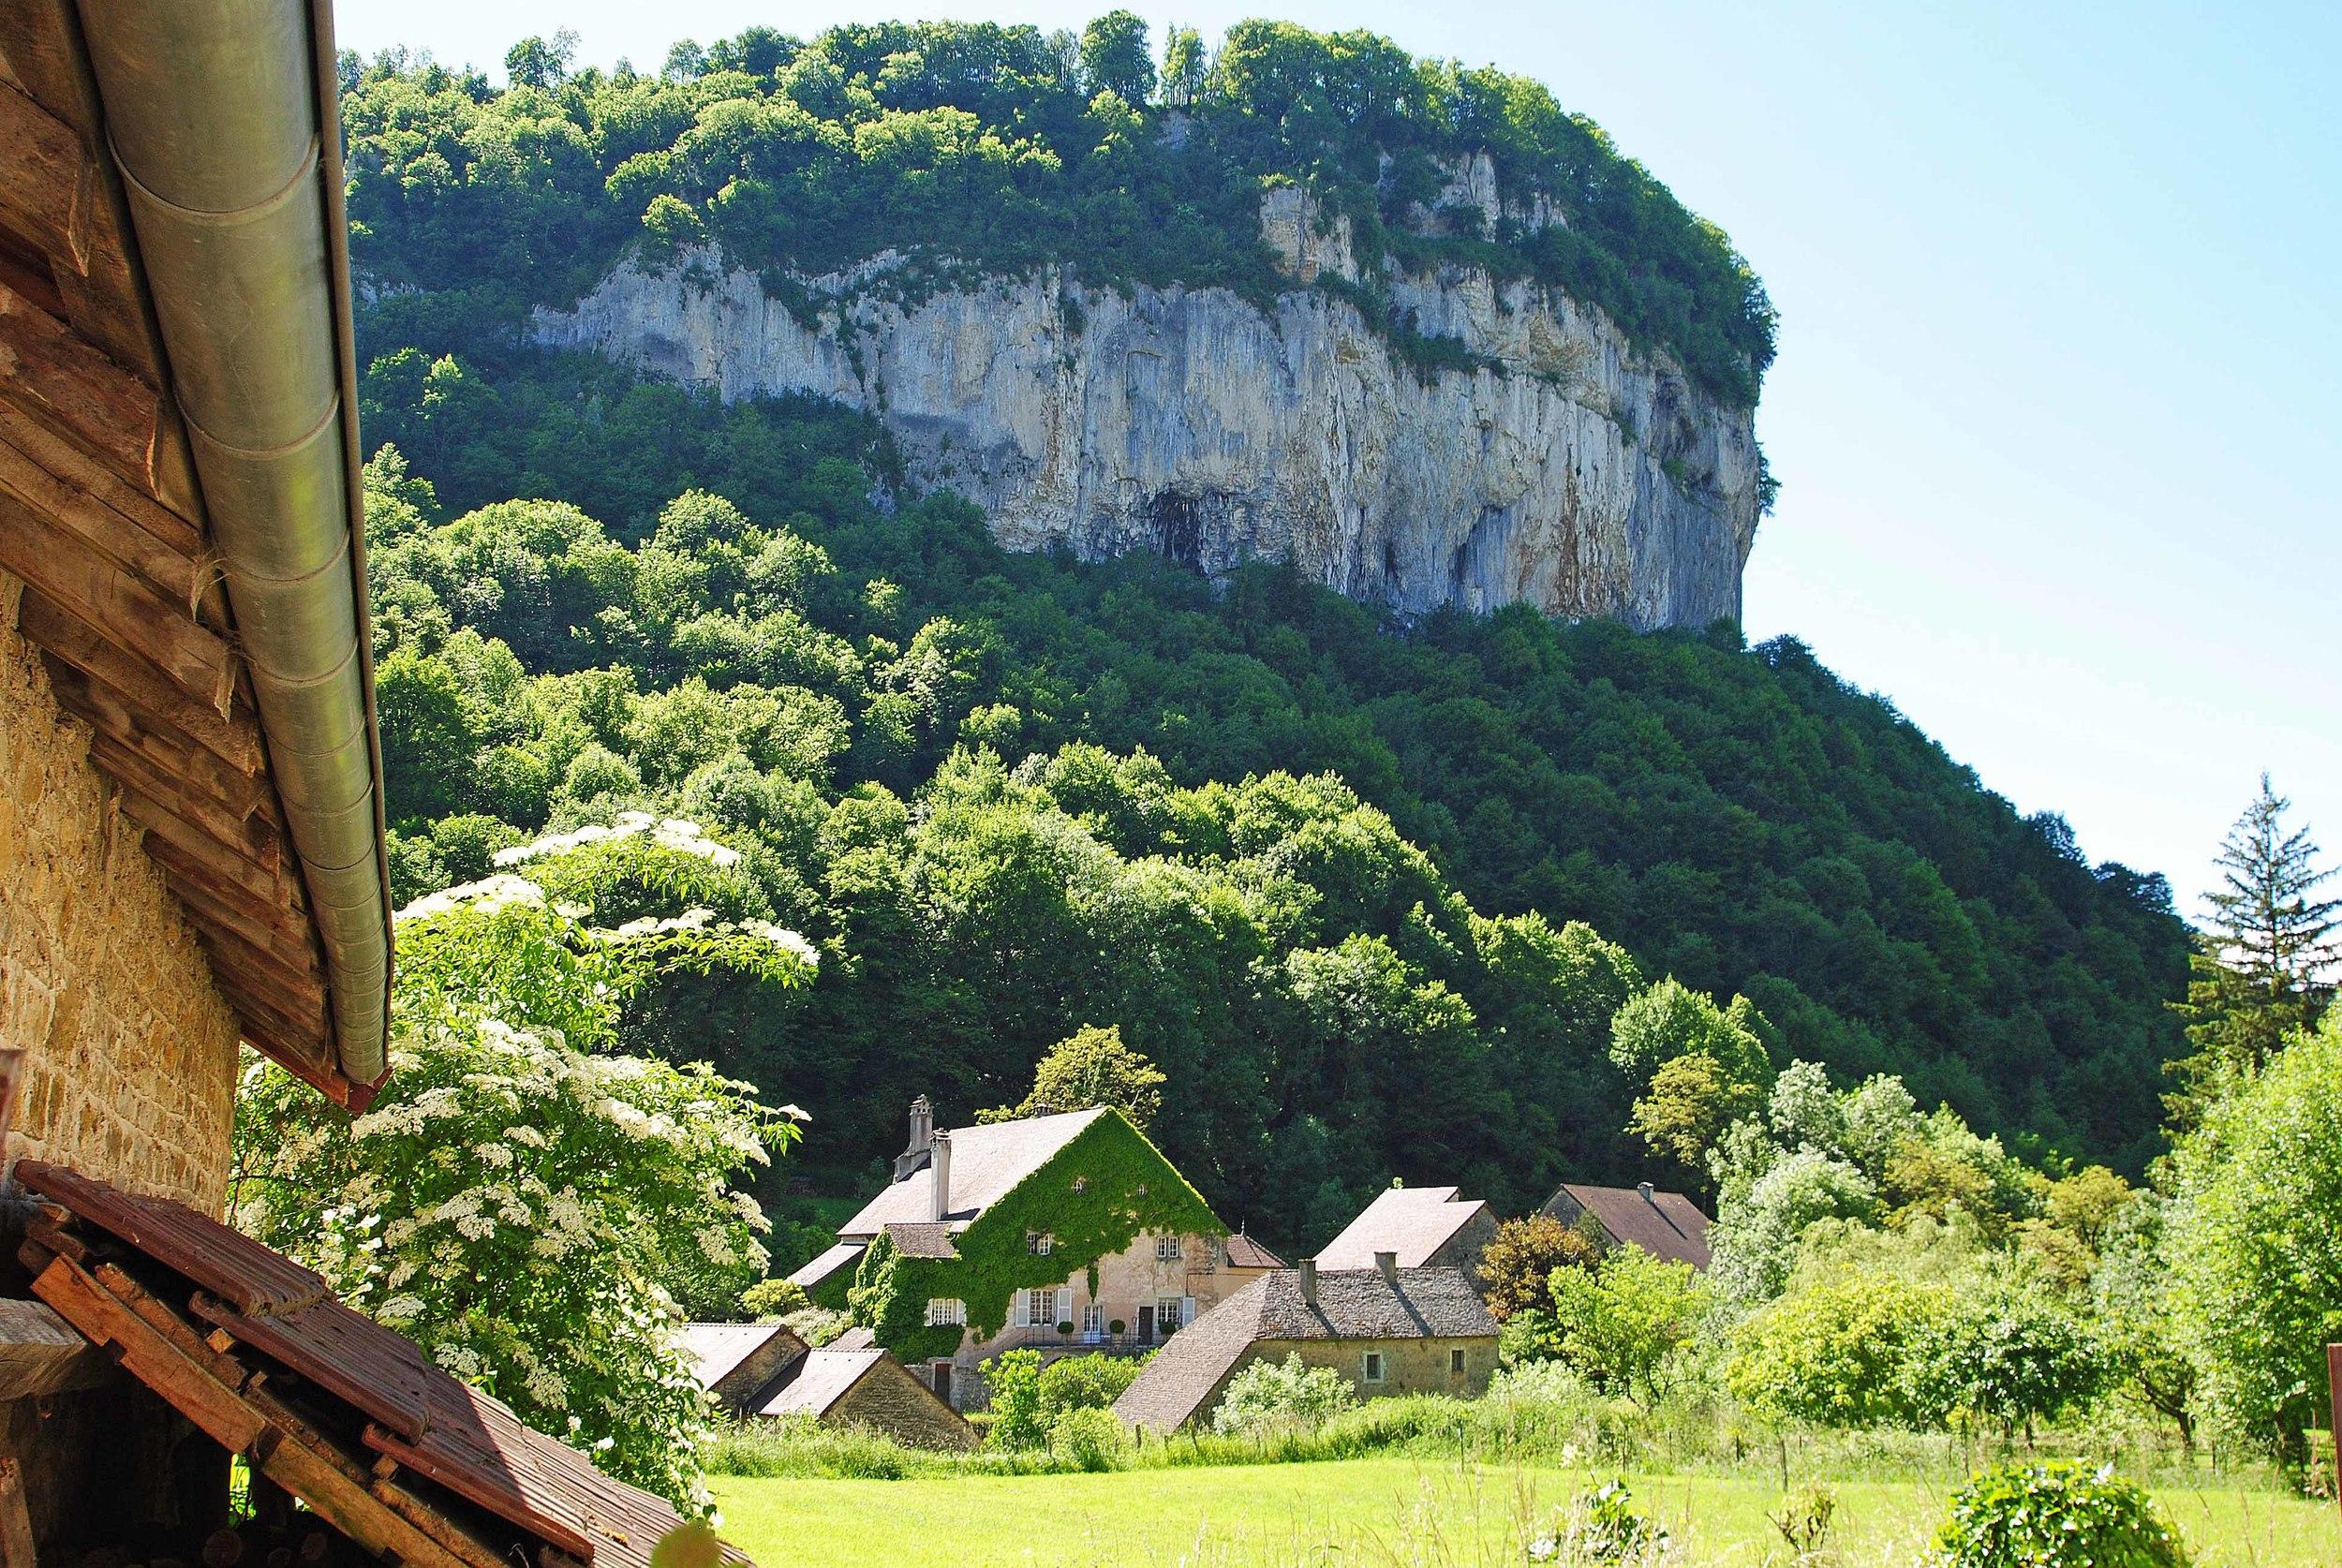 Baume-les-Messieurs, Most Beautiful Village, France